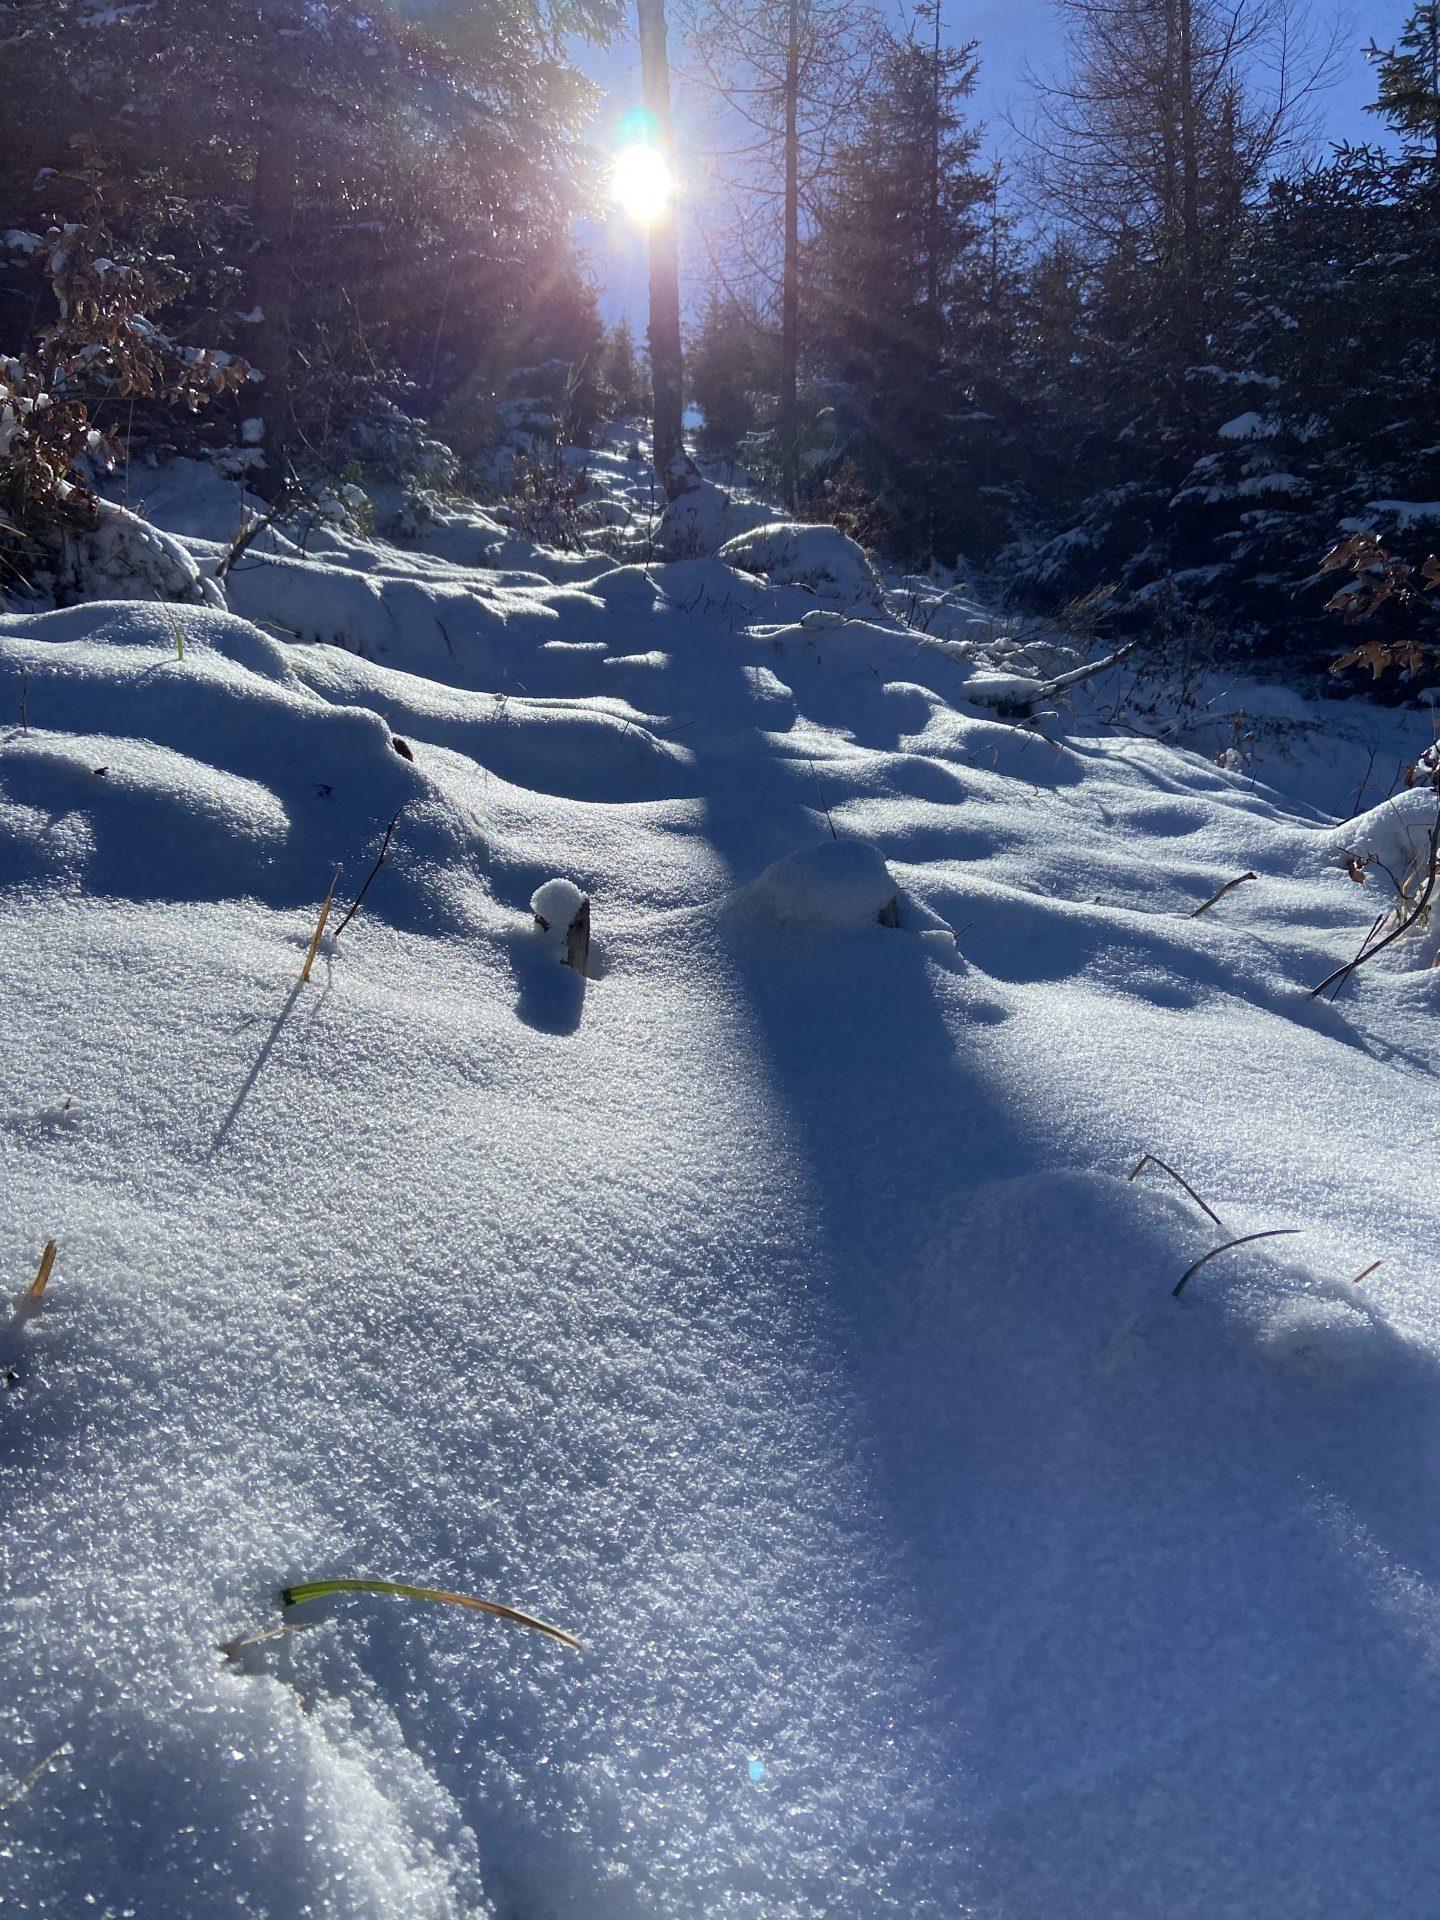 Die Märzsonne wirft lange Schatten in den Winterwald - Himmel, Kaiserwetter, Licht, Lichteinfall, Natur, Ramsau, Schatten, Schnee, Sonne, Sonnenstrahlen, Strahlen, Unterberg, wolkenlos - (Adamsthal, Kieneck, Niederösterreich, Österreich)